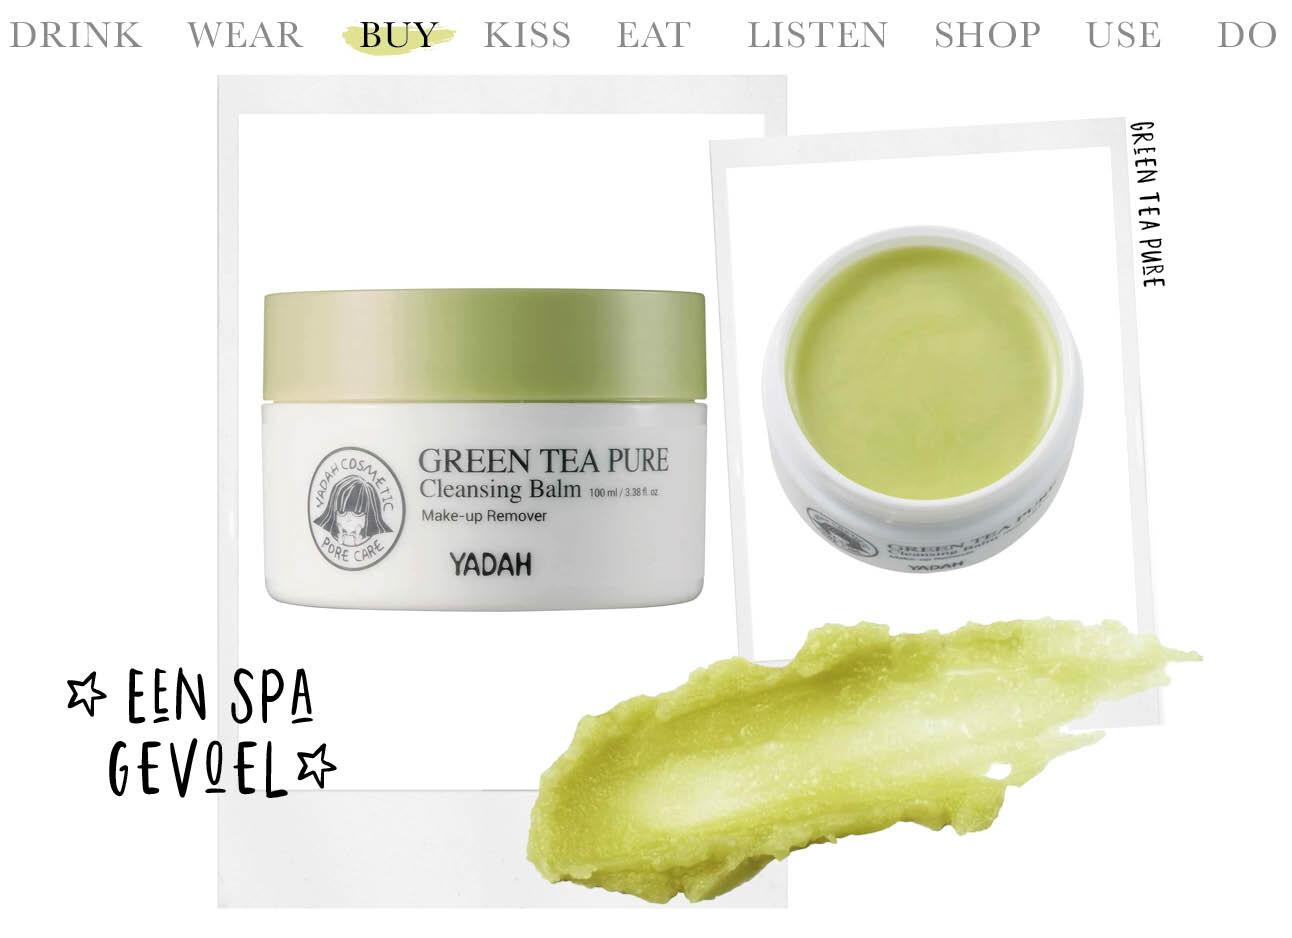 Today we buy green tea pure